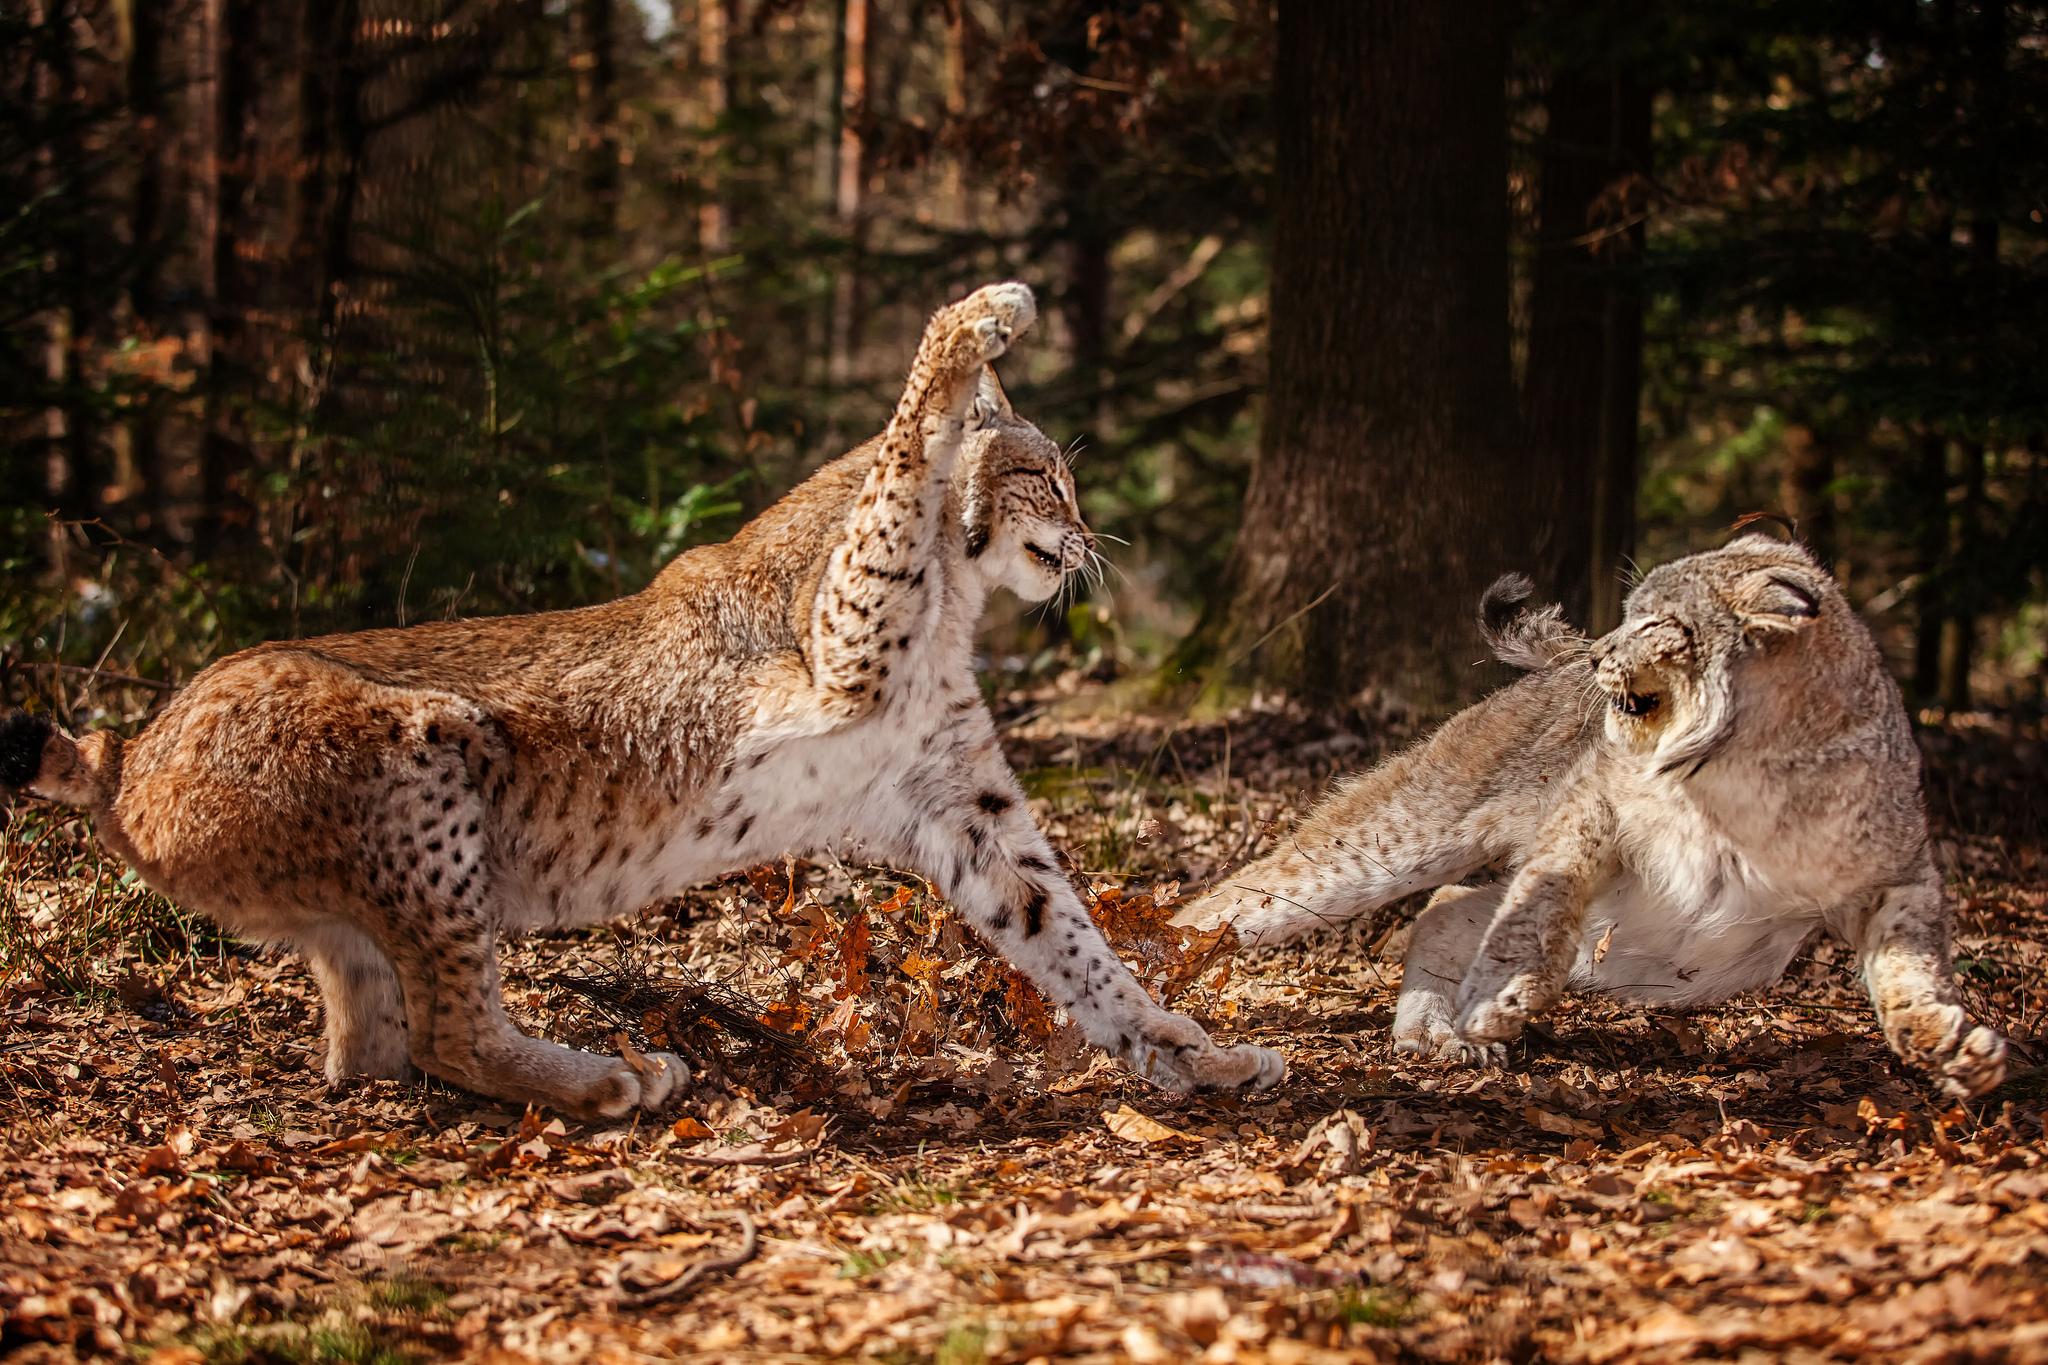 природа животные nature animals загрузить